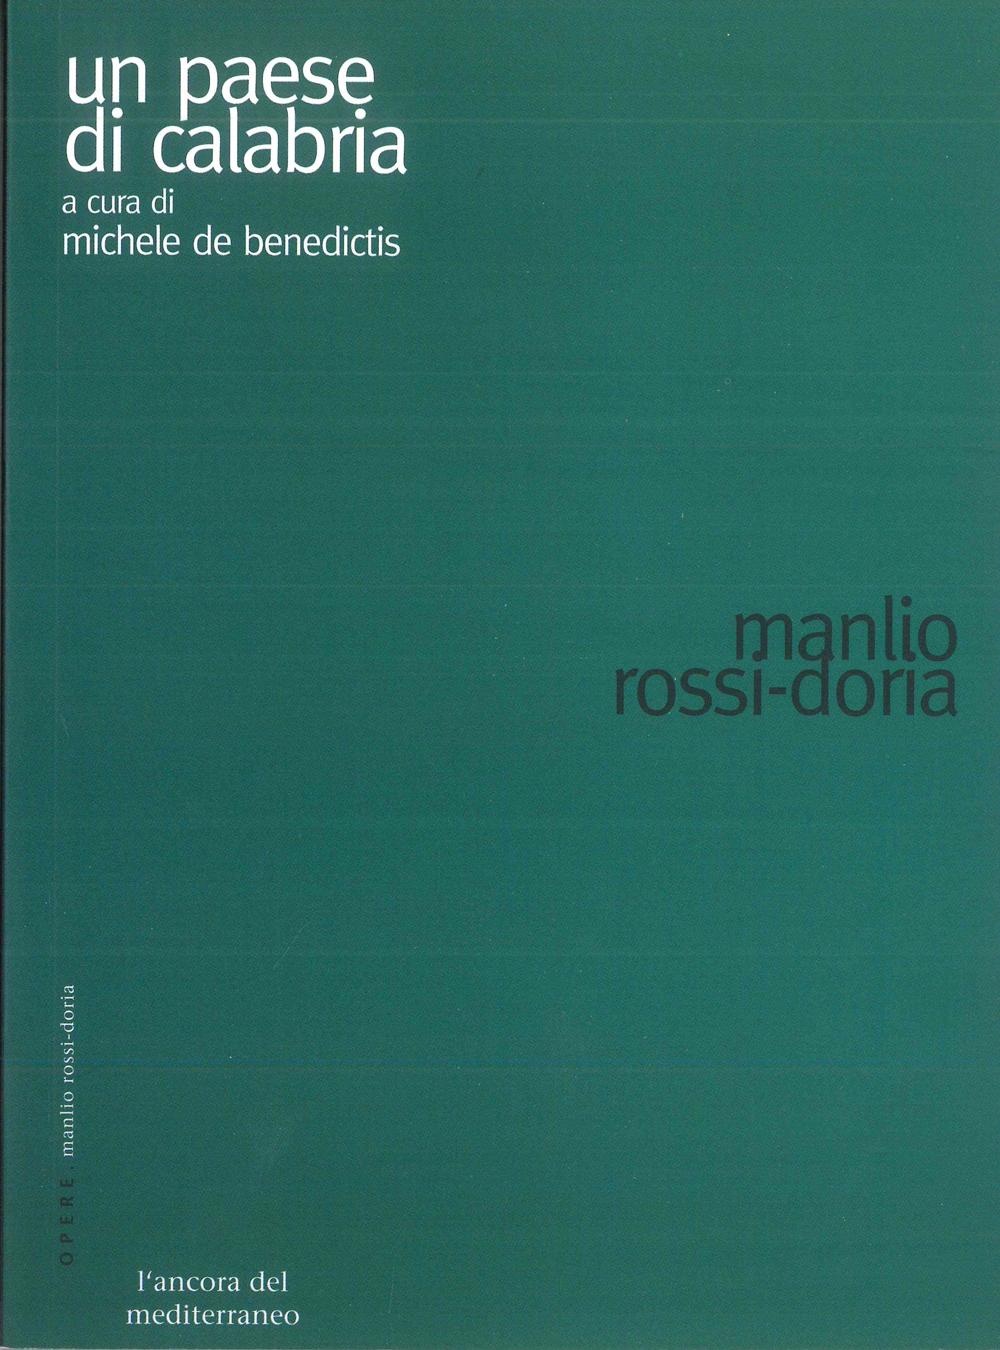 Un paese di Calabria - Scritti Manlio Rossi-Doria